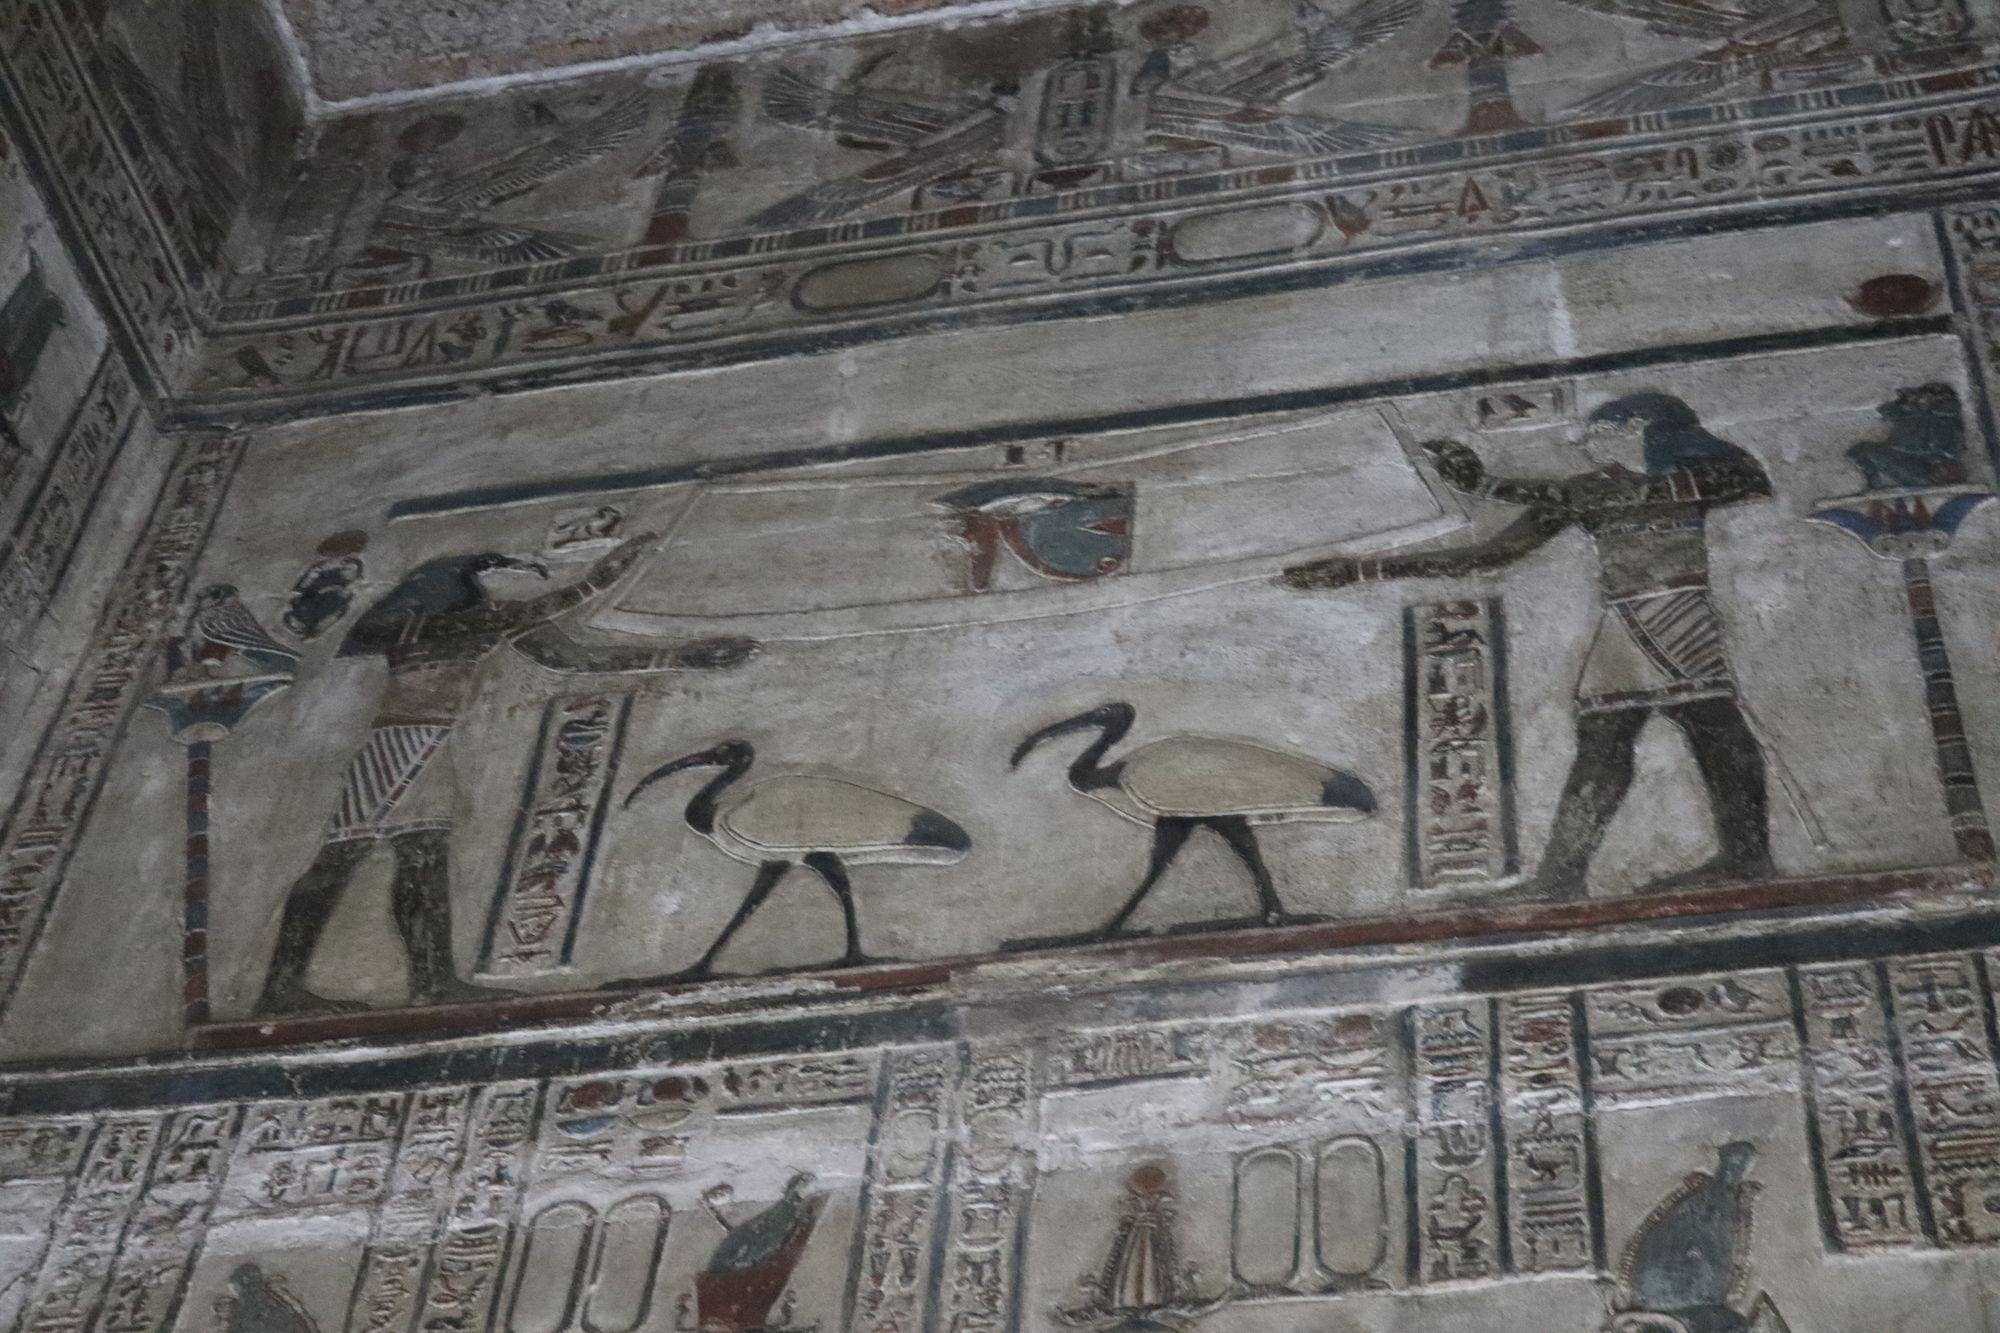 Antiguo Egipto - Templo de Hathor en Dendera - Egiptología